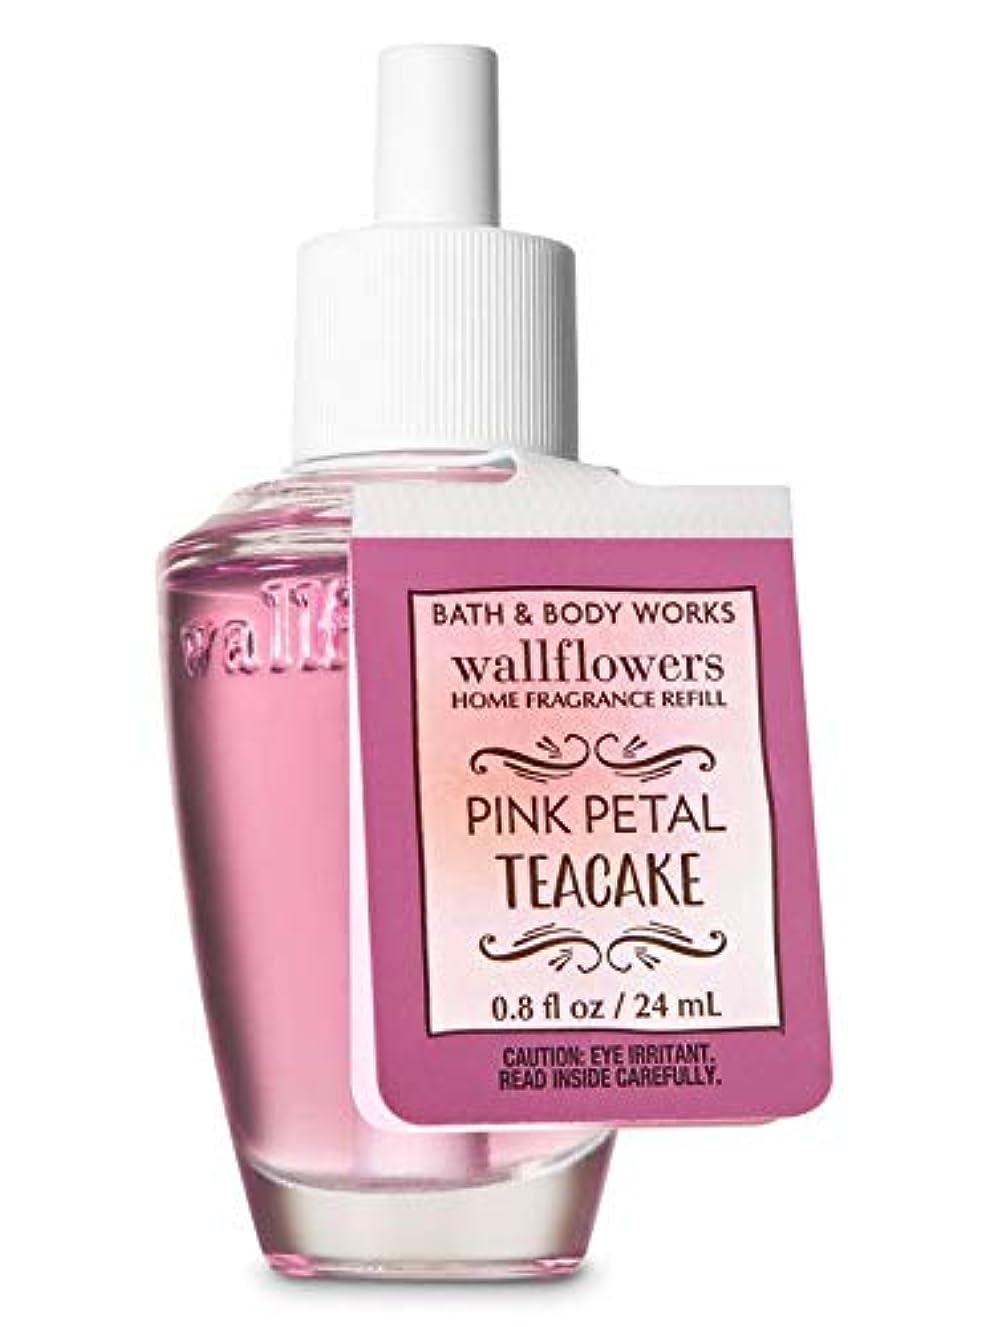 フェザー嘆く宗教的な【Bath&Body Works/バス&ボディワークス】 ルームフレグランス 詰替えリフィル ピンクペタルティーケーキ Wallflowers Home Fragrance Refill Pink Petal Teacake [並行輸入品]